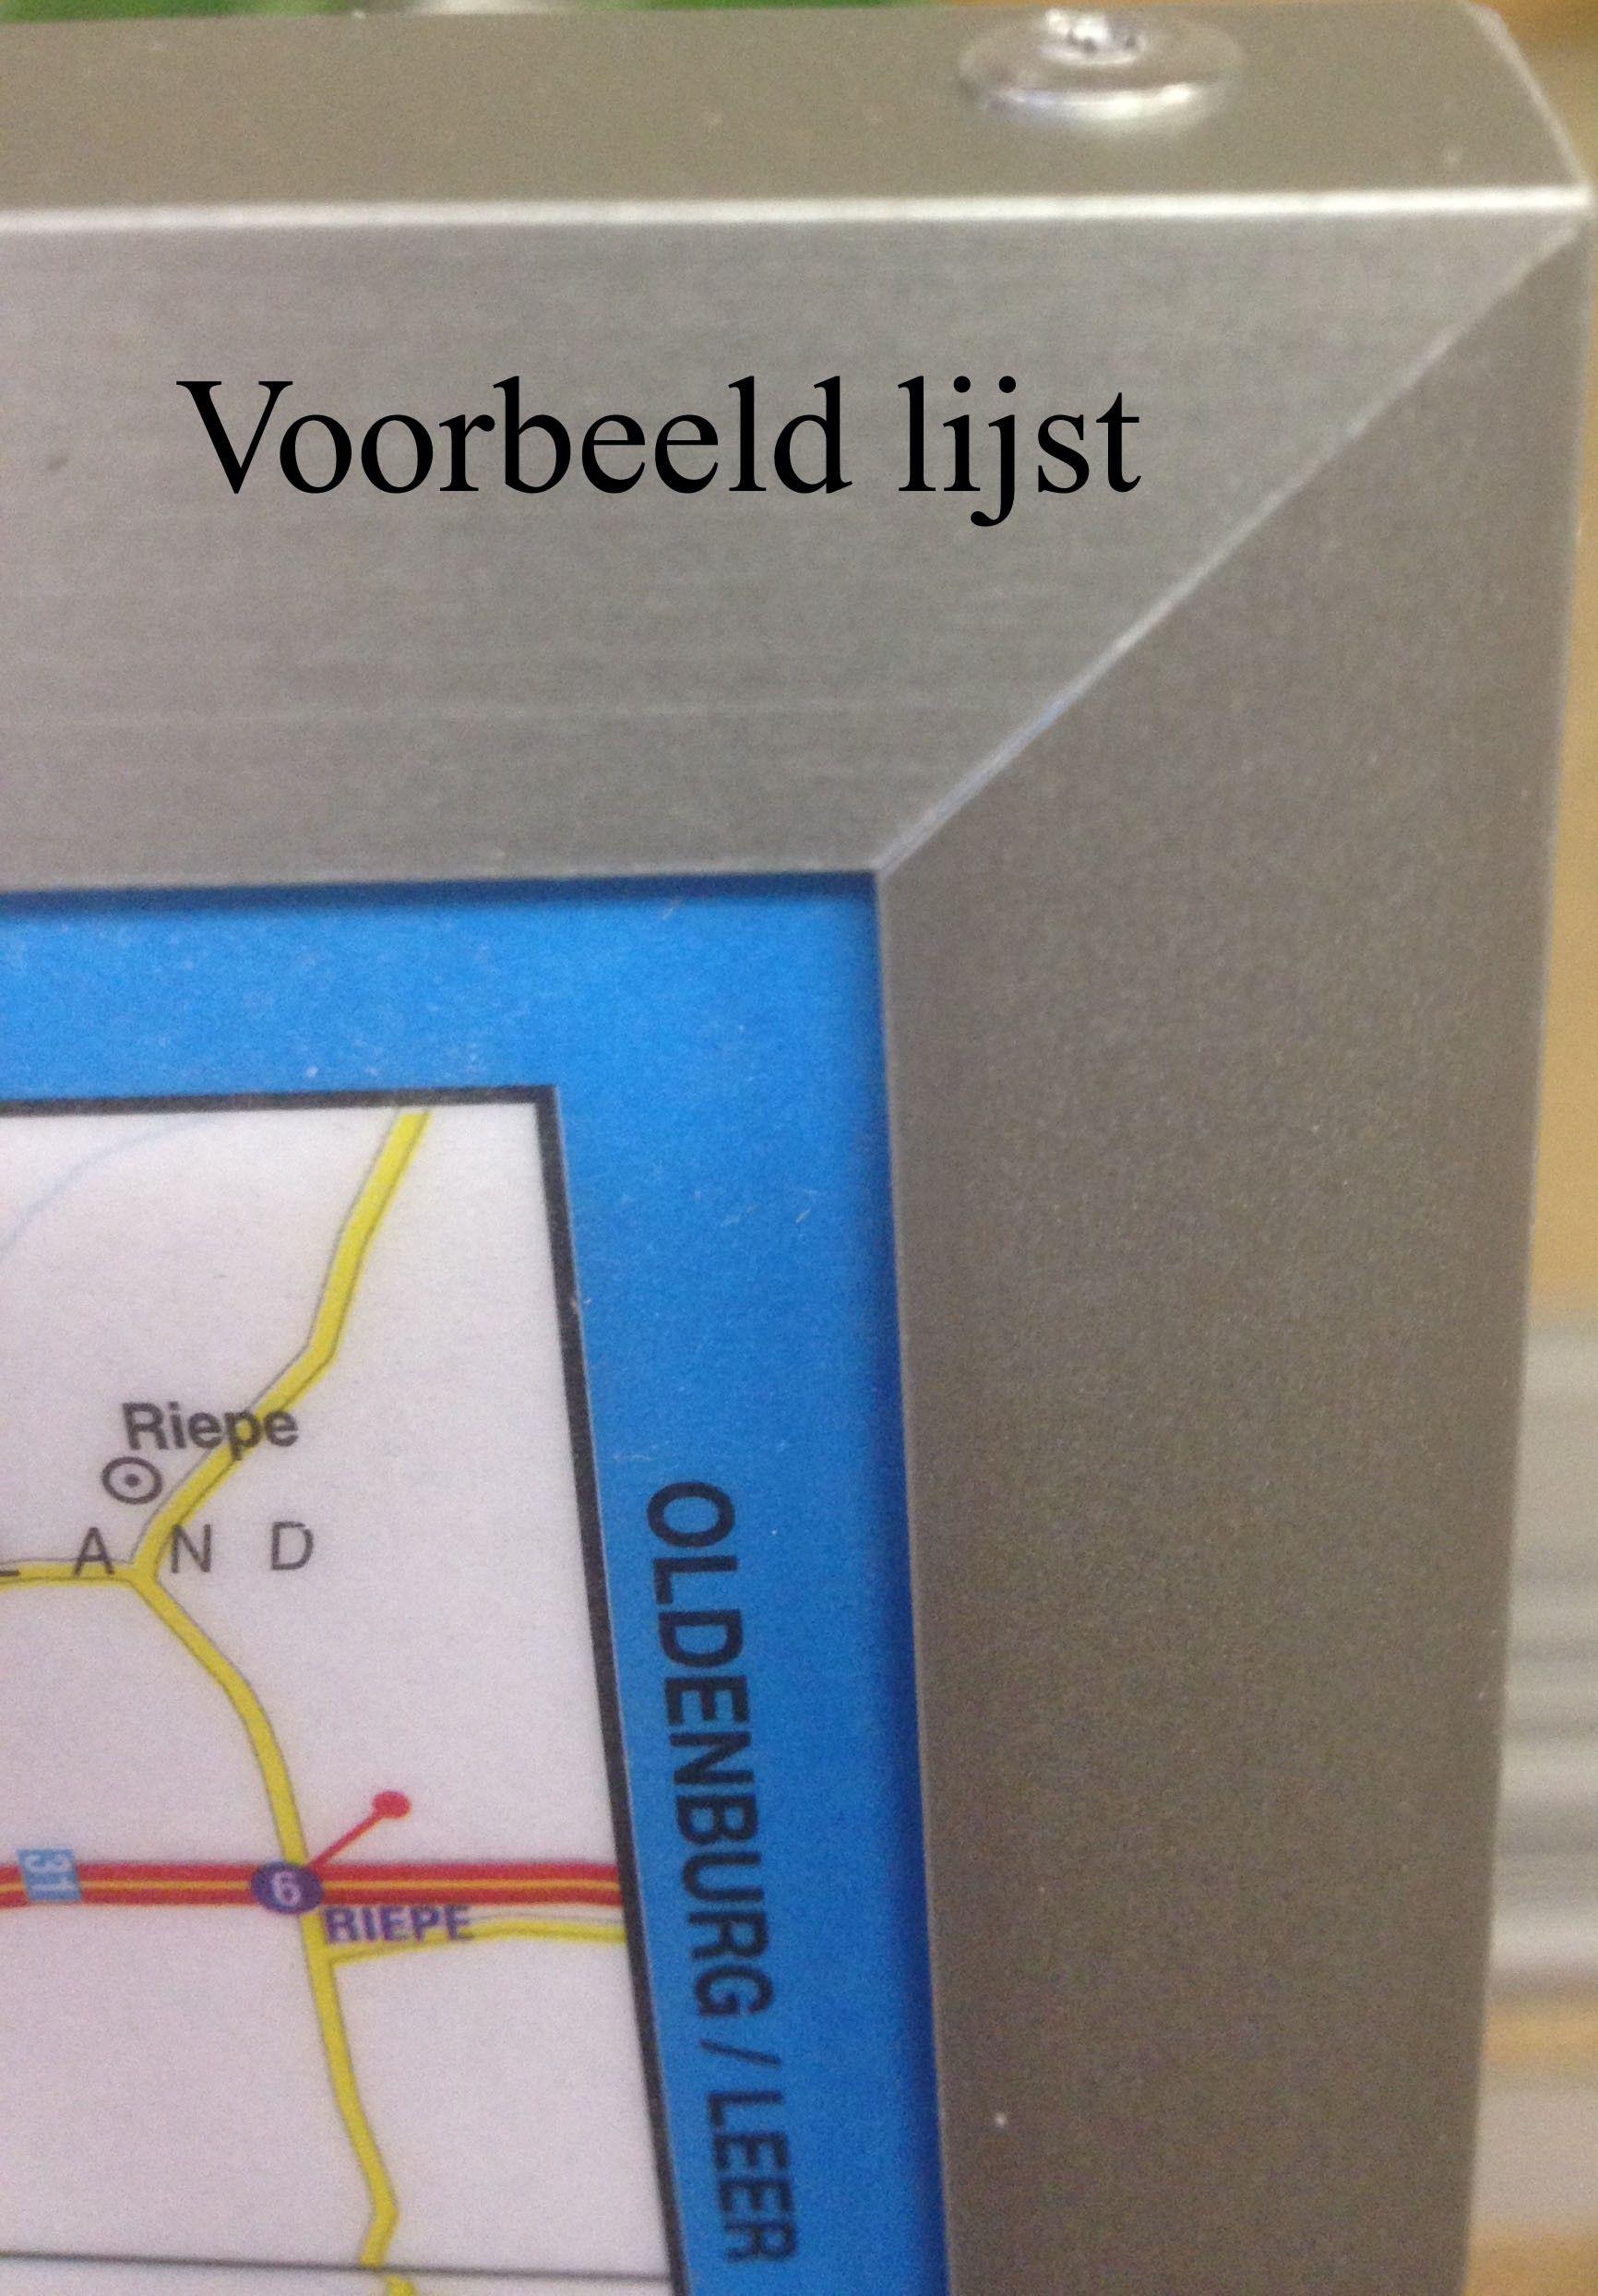 Provincie kaart Brabant